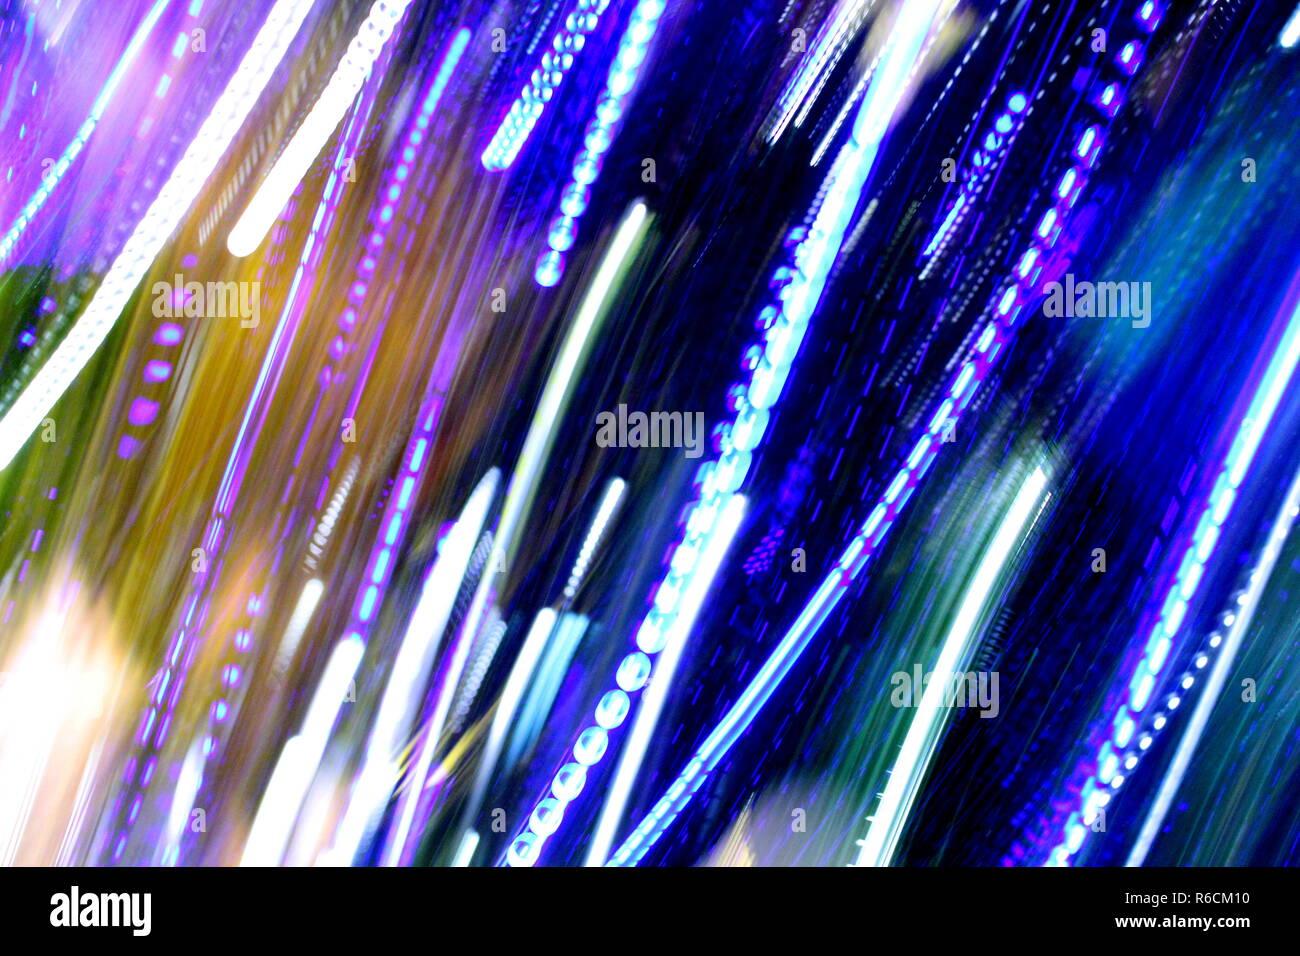 Abstract sfondo sfocato e colorati di velocità e movimento luci, Multi tonica luci colorate, misti blu, viola, verde e oro luci sfocate Foto Stock